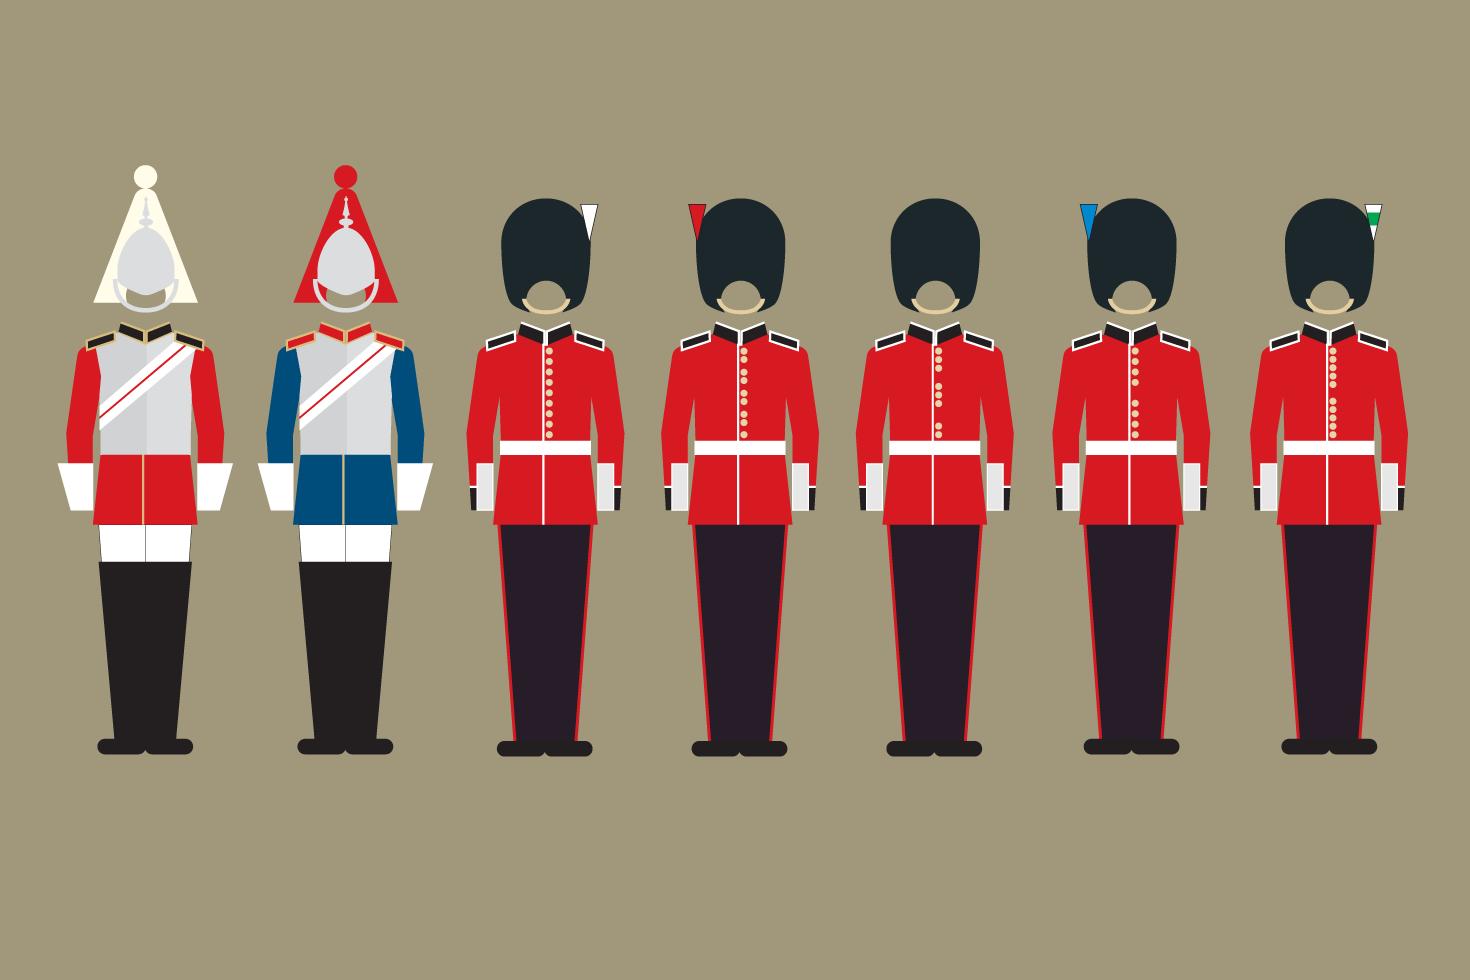 TRUE illlustration of guards uniforms